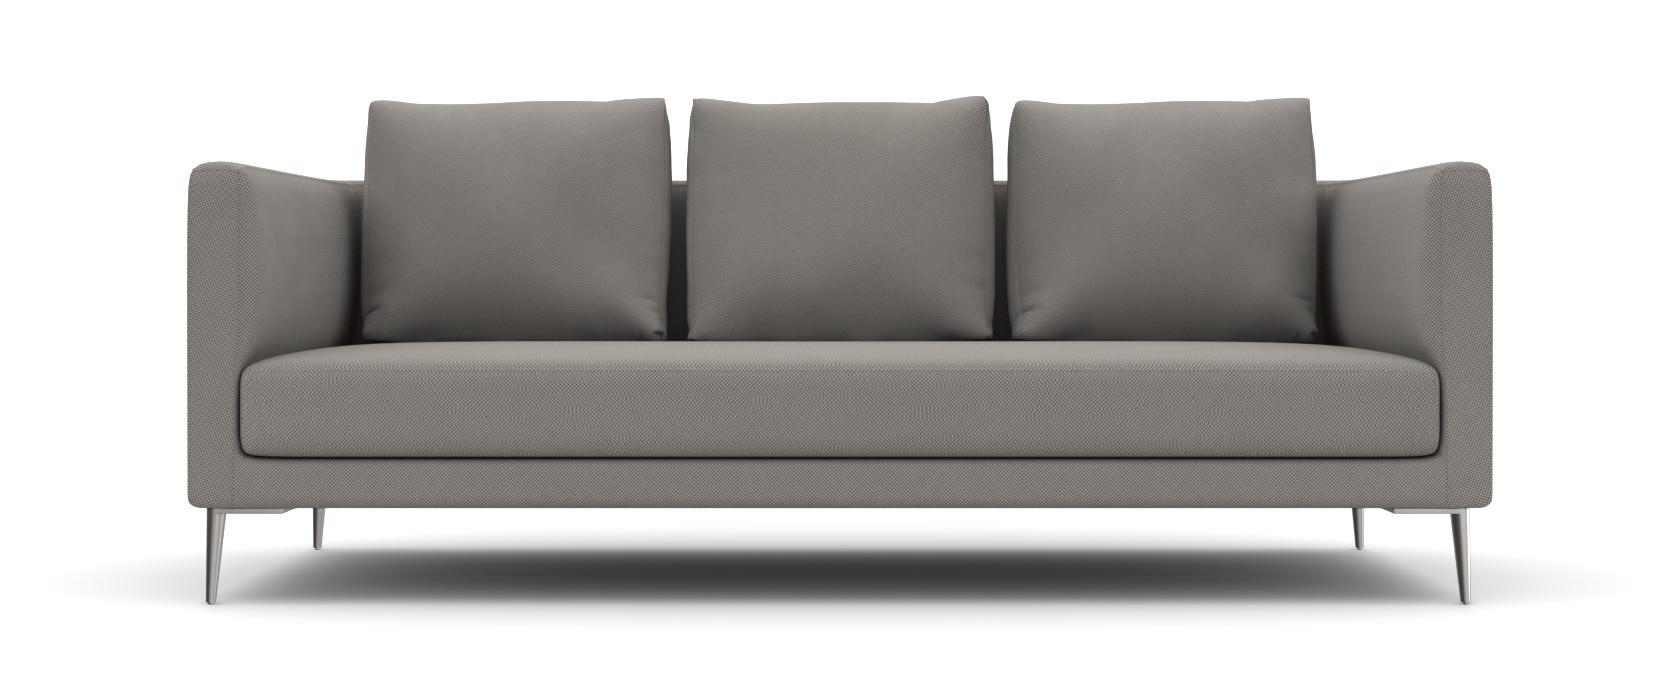 Full Size of 3 Sitzer Sofa Mit Federkern Couch Ikea Roller Schlaffunktion Und Bettkasten Ektorp 2 Sessel Bettfunktion Leder Rot Grau Bei Relaxfunktion Elektrisch Nockeby Sofa 3 Sitzer Sofa